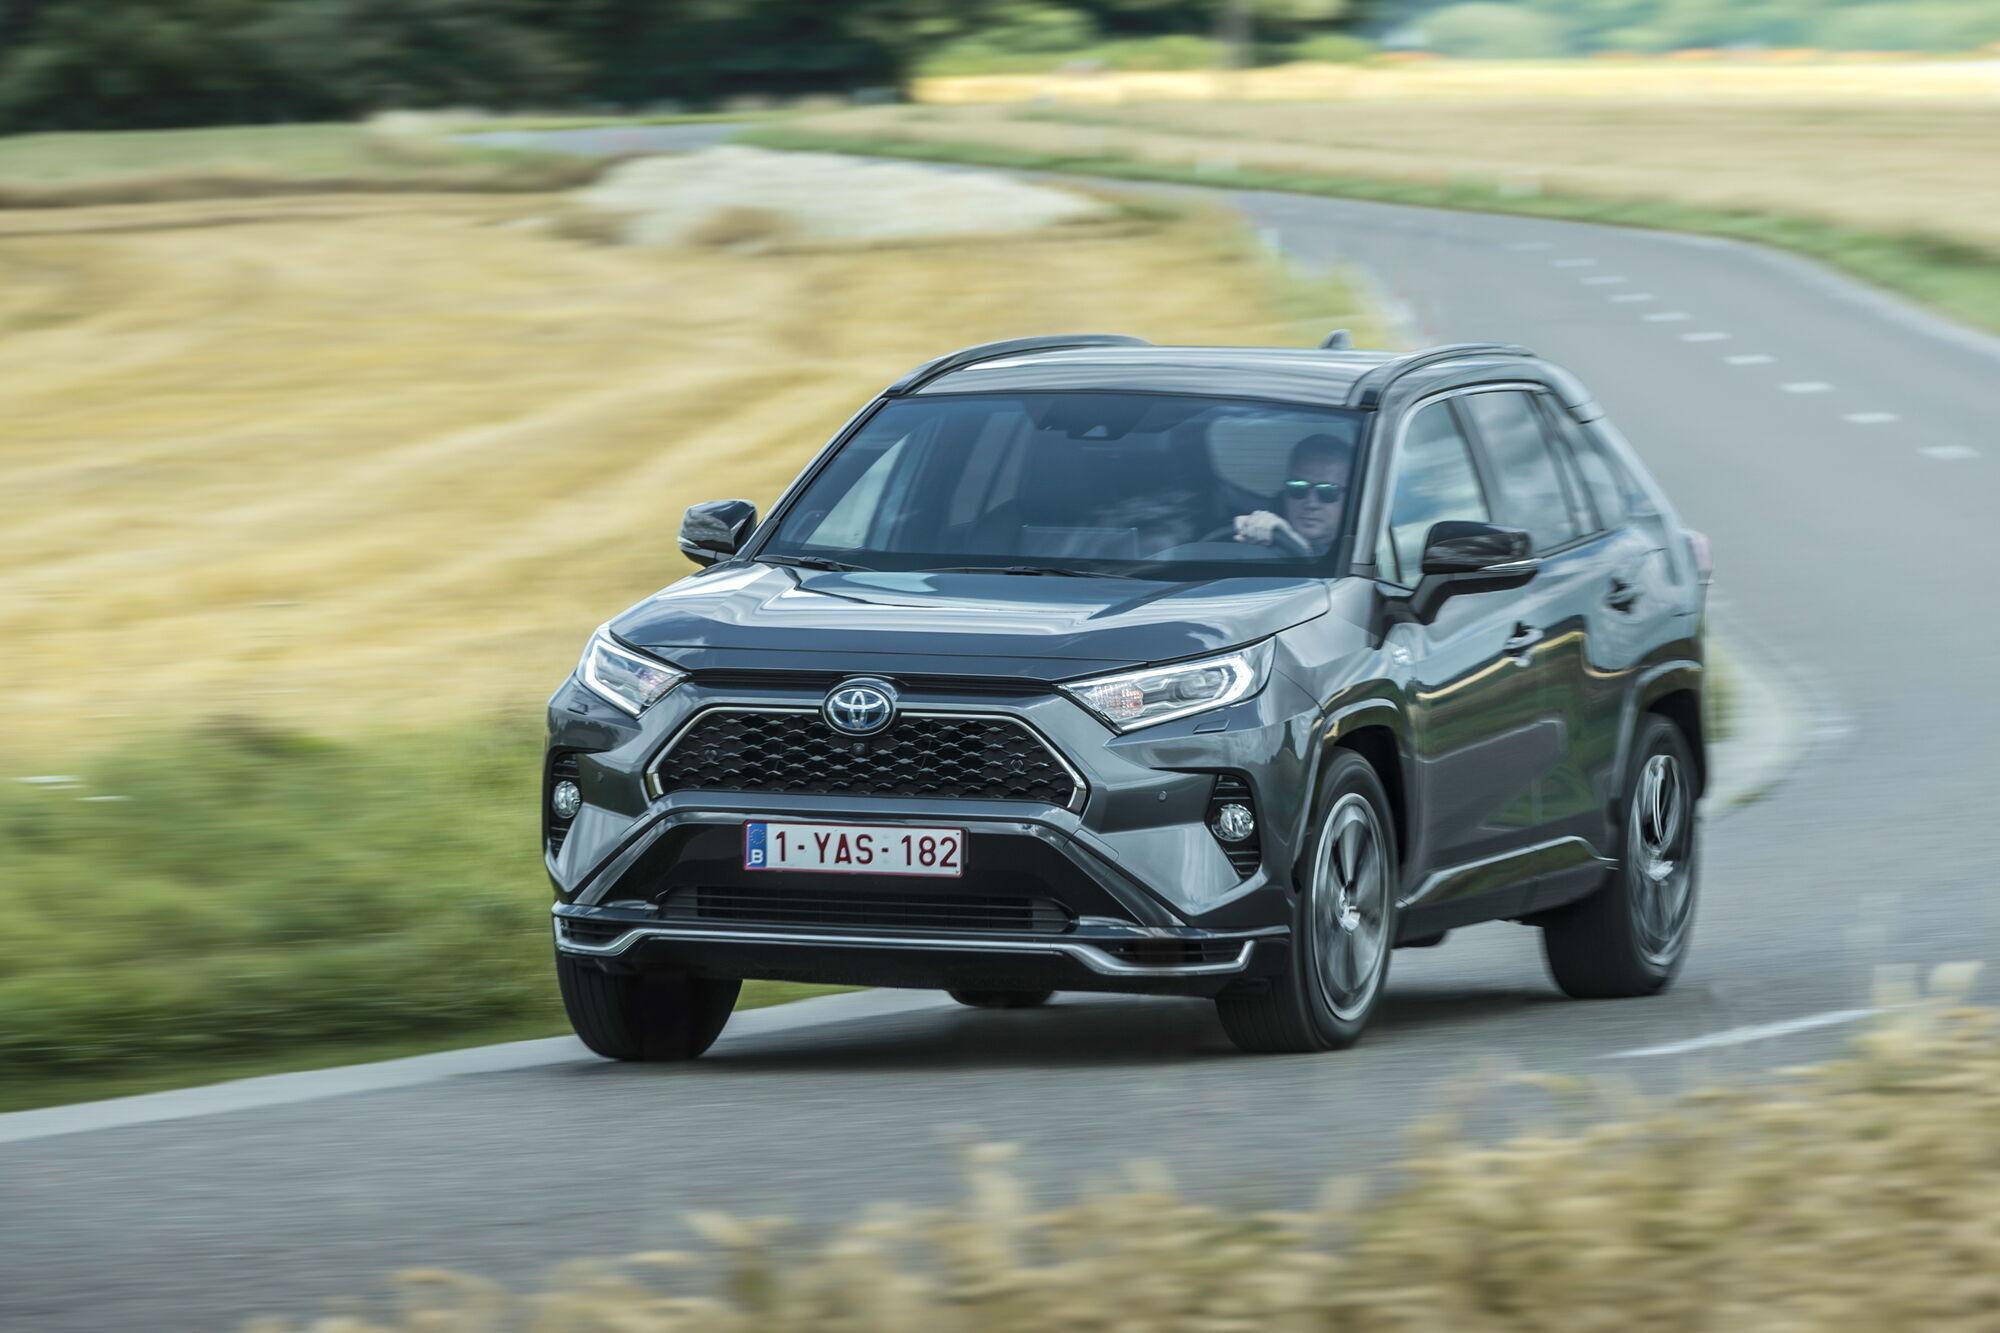 За підсумками 2020 року Toyota RAV4 став найбільш продаваним новим автомобілем в Україні